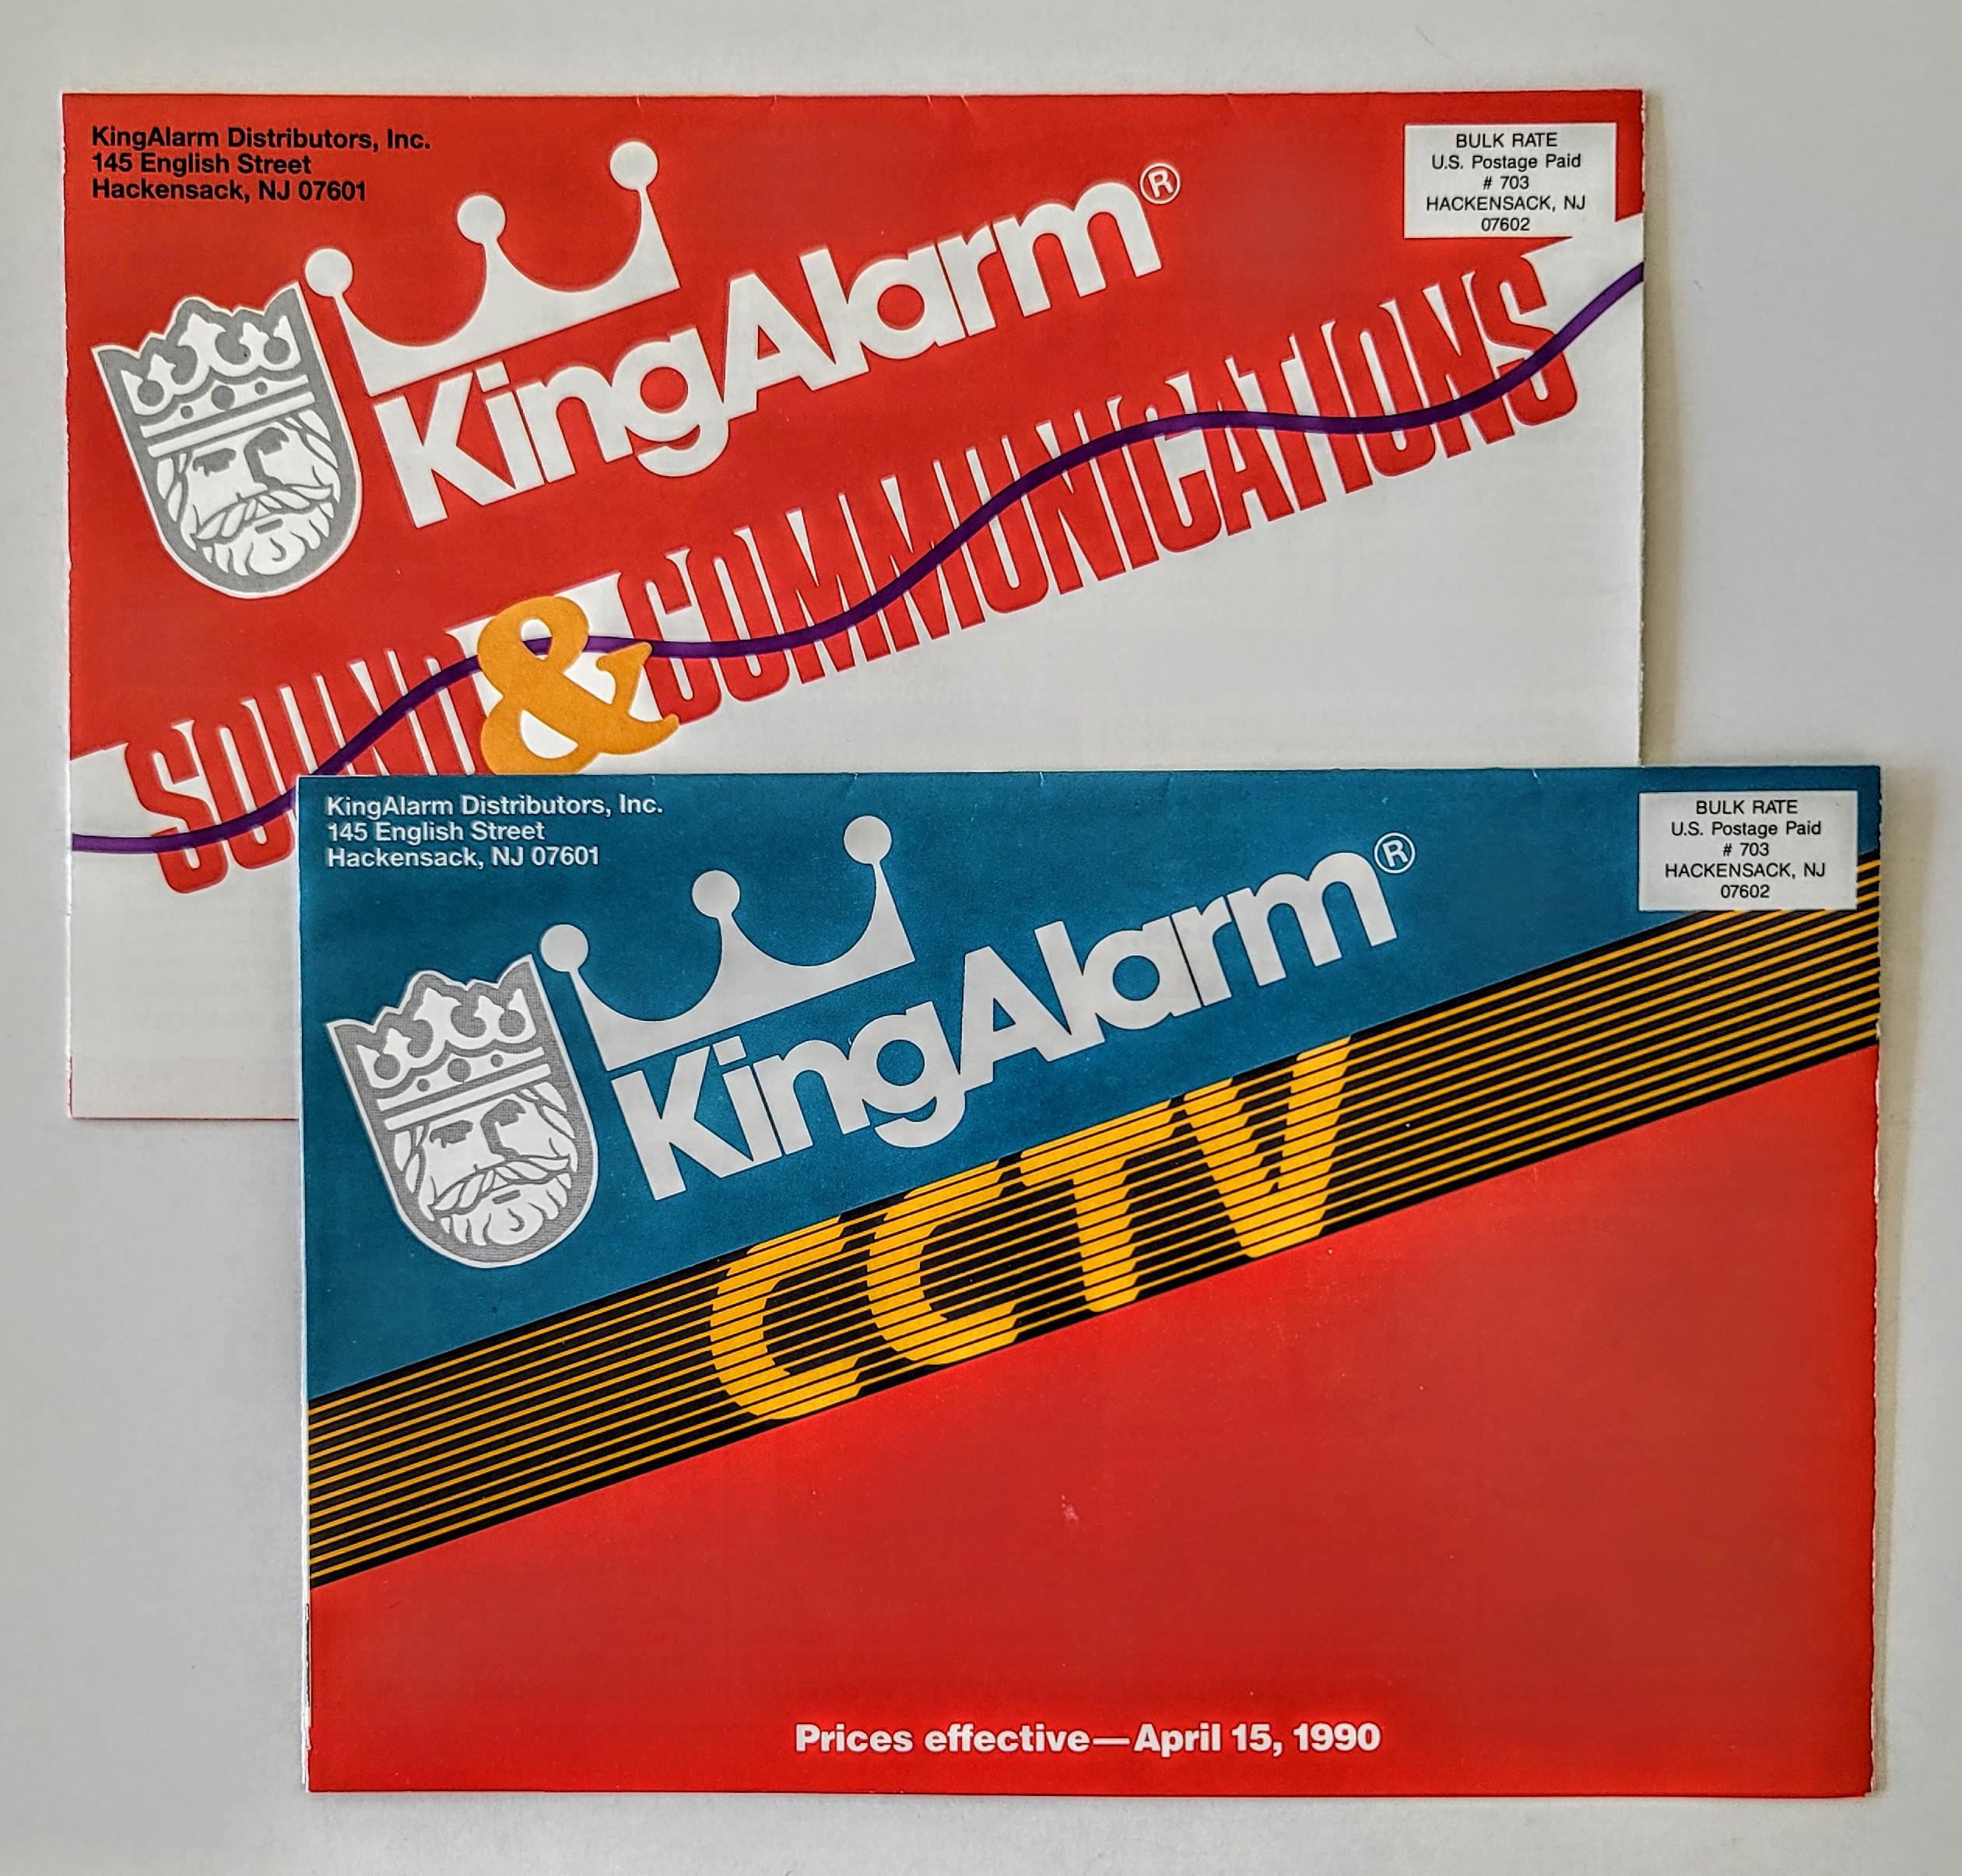 kingalarm_sales fliers_8